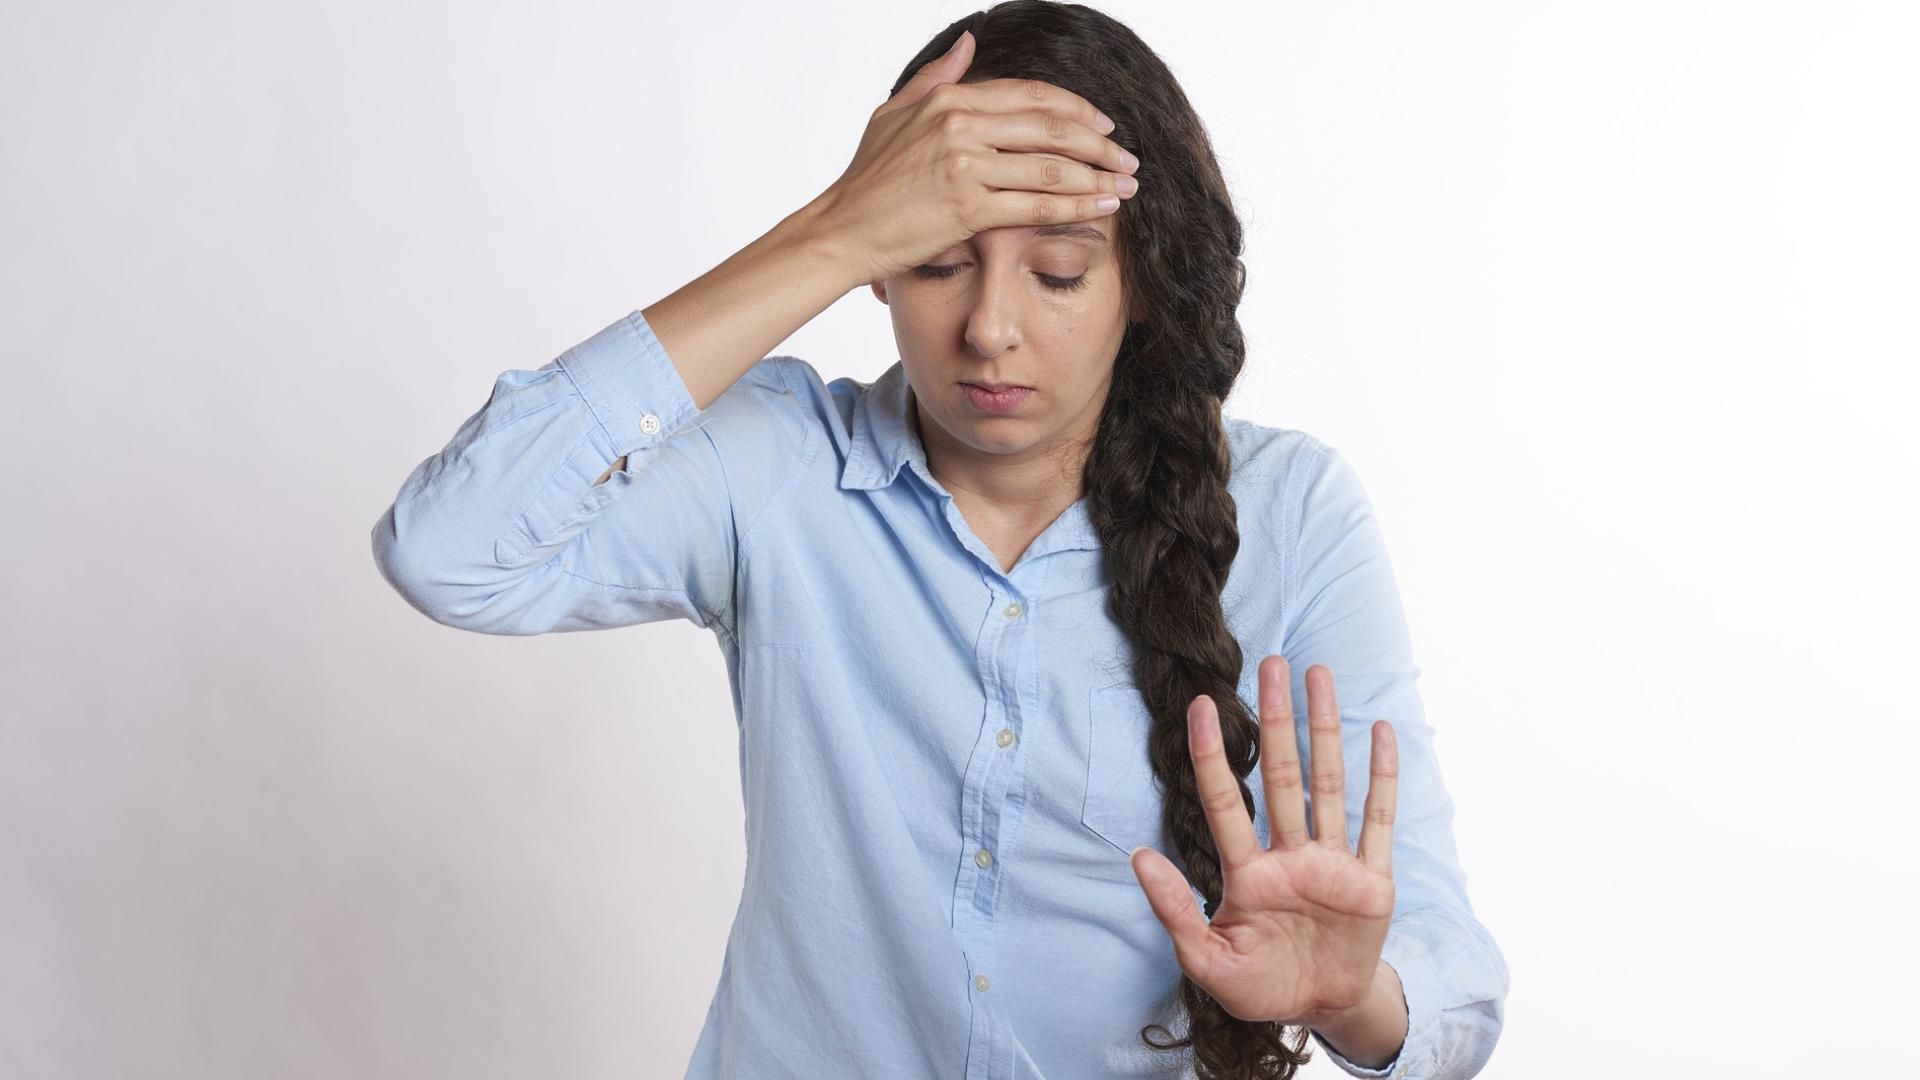 Health Tips: सिरदर्द की परेशानी खत्म करने के लिए अपनाएं ये घरेलू नुस्खे, मिनटों में मिलेगा आराम